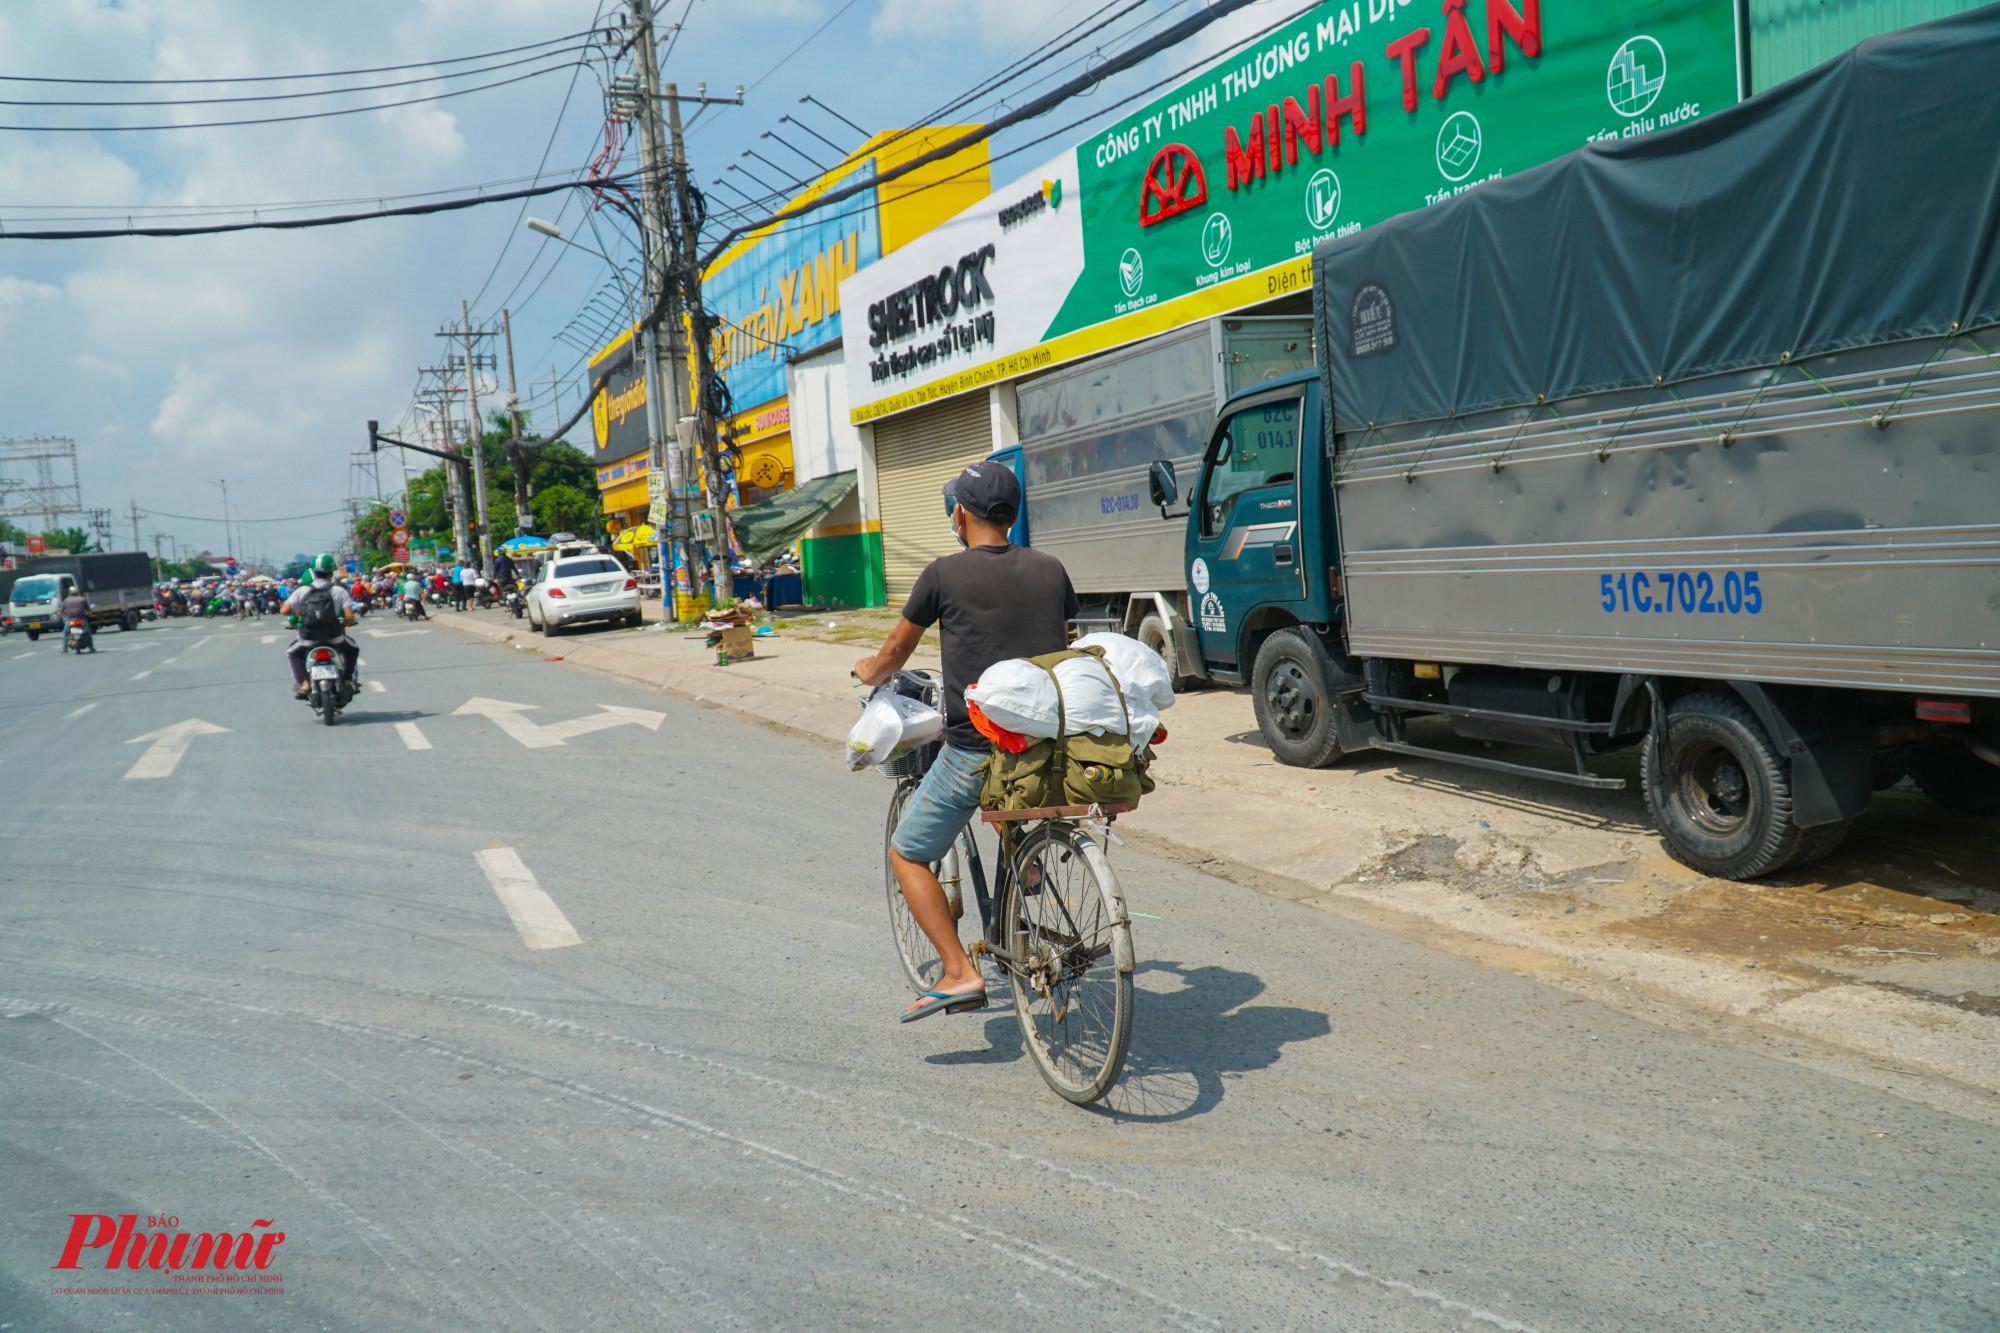 Nhiều người không có xe máy, họ đạp xe về quê trên con đường vạn dặm ( Ảnh: Tam Nguyên)